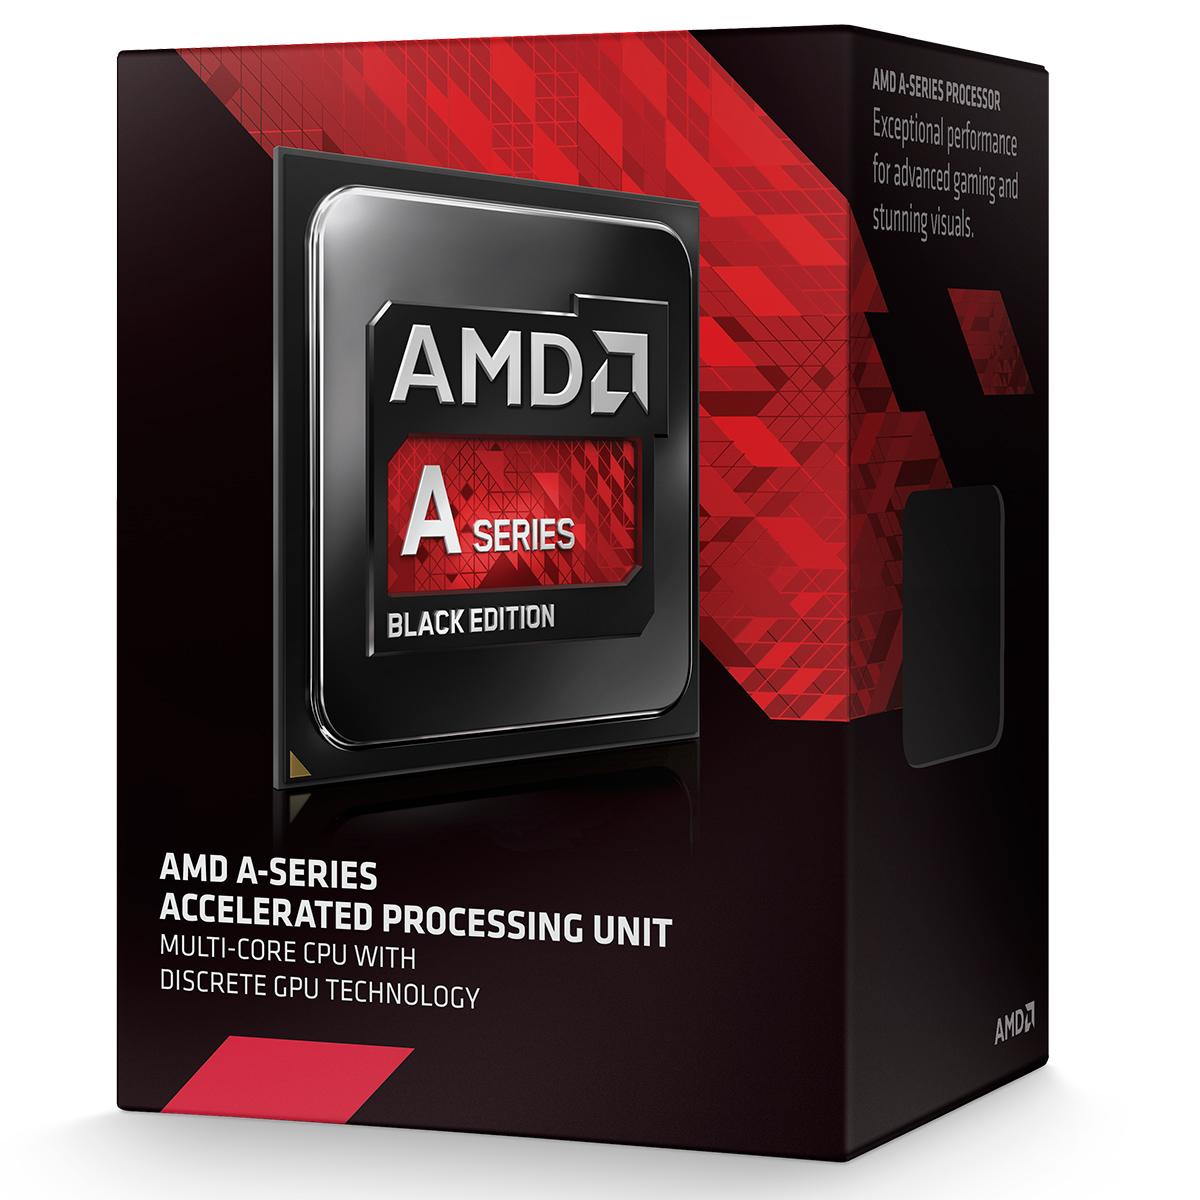 Processeur AMD A10-7890K (4.1 GHz) Black Low Noise Edition Processeur Quad Core socket FM2+ Cache L2 4 Mo Radeon R7 0.028 micron+ ventilateur silencieux (version boîte - garantie constructeur 3 ans)